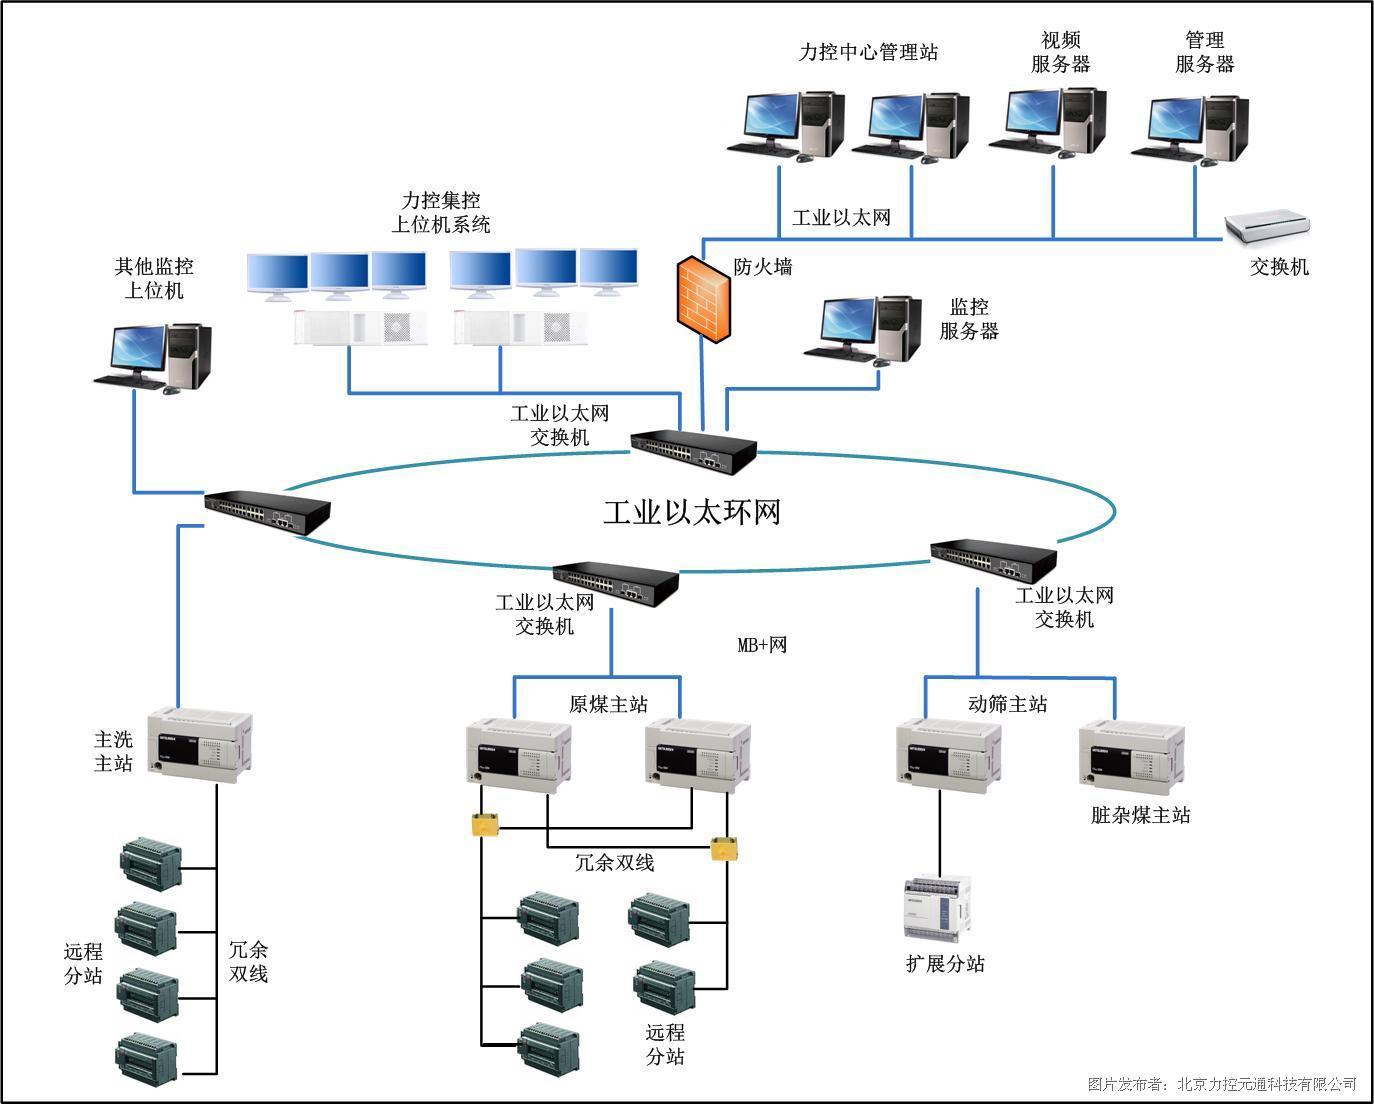 图(1)选煤厂安全生产自动化结构图